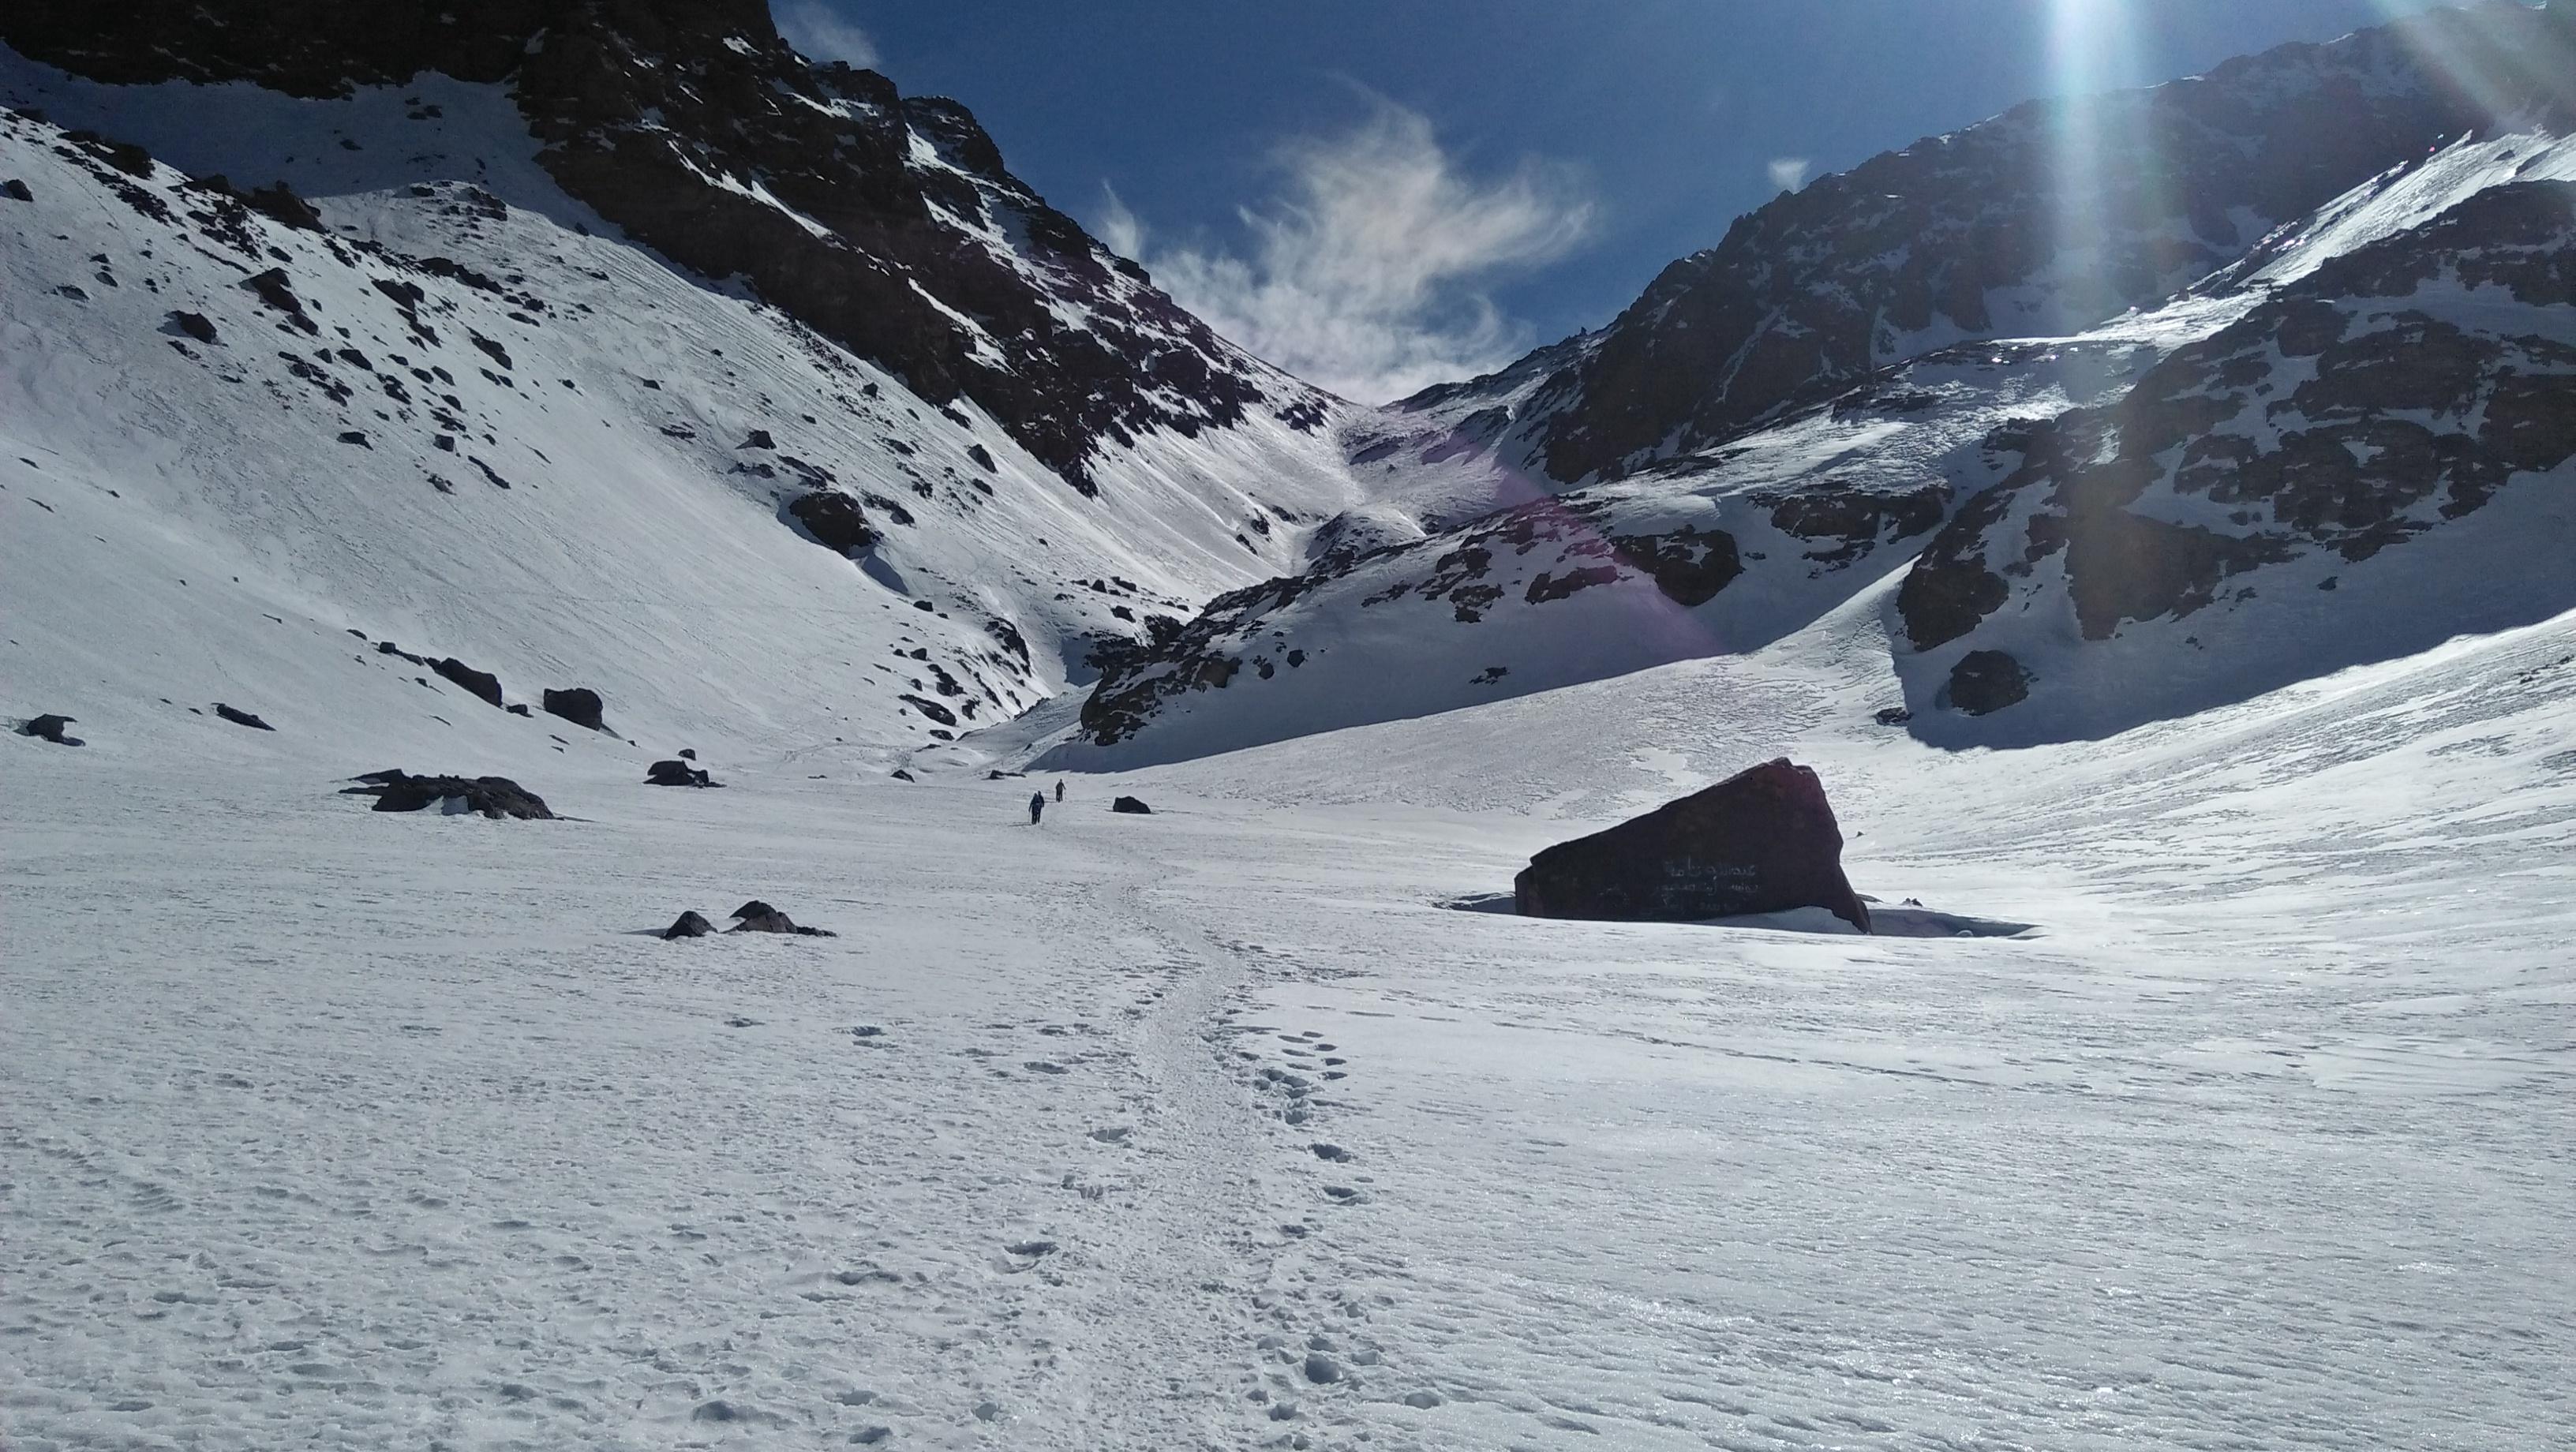 Ski touring in morocco- toubkal ski touring - atlas mountains sking tour